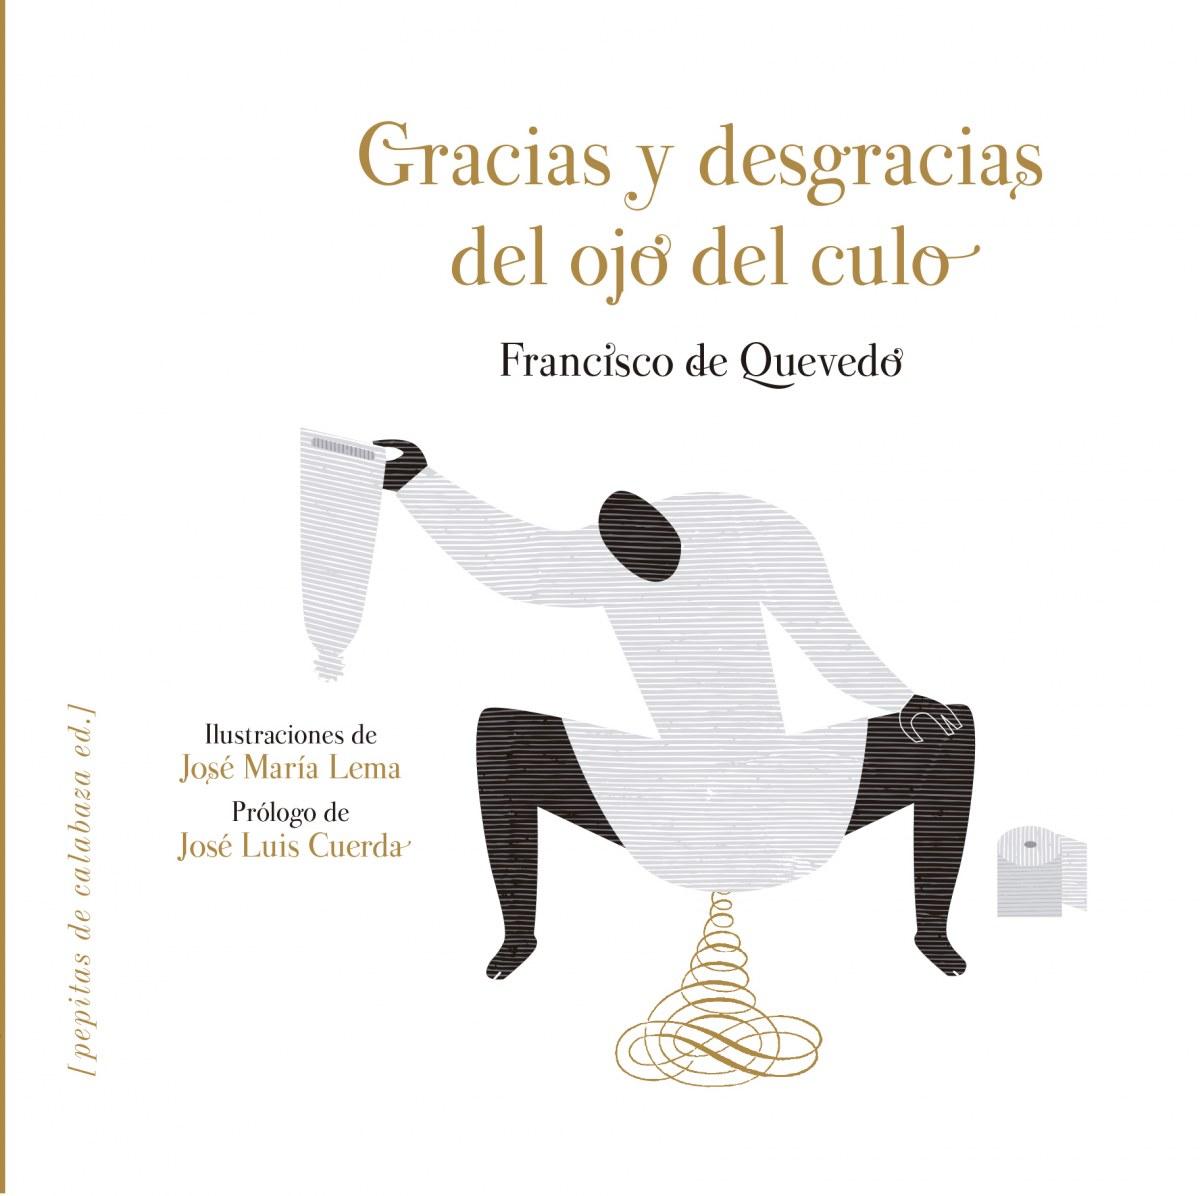 GRACIAS Y DESGRACIAS DEL OJO DEL CULO 9788415862581